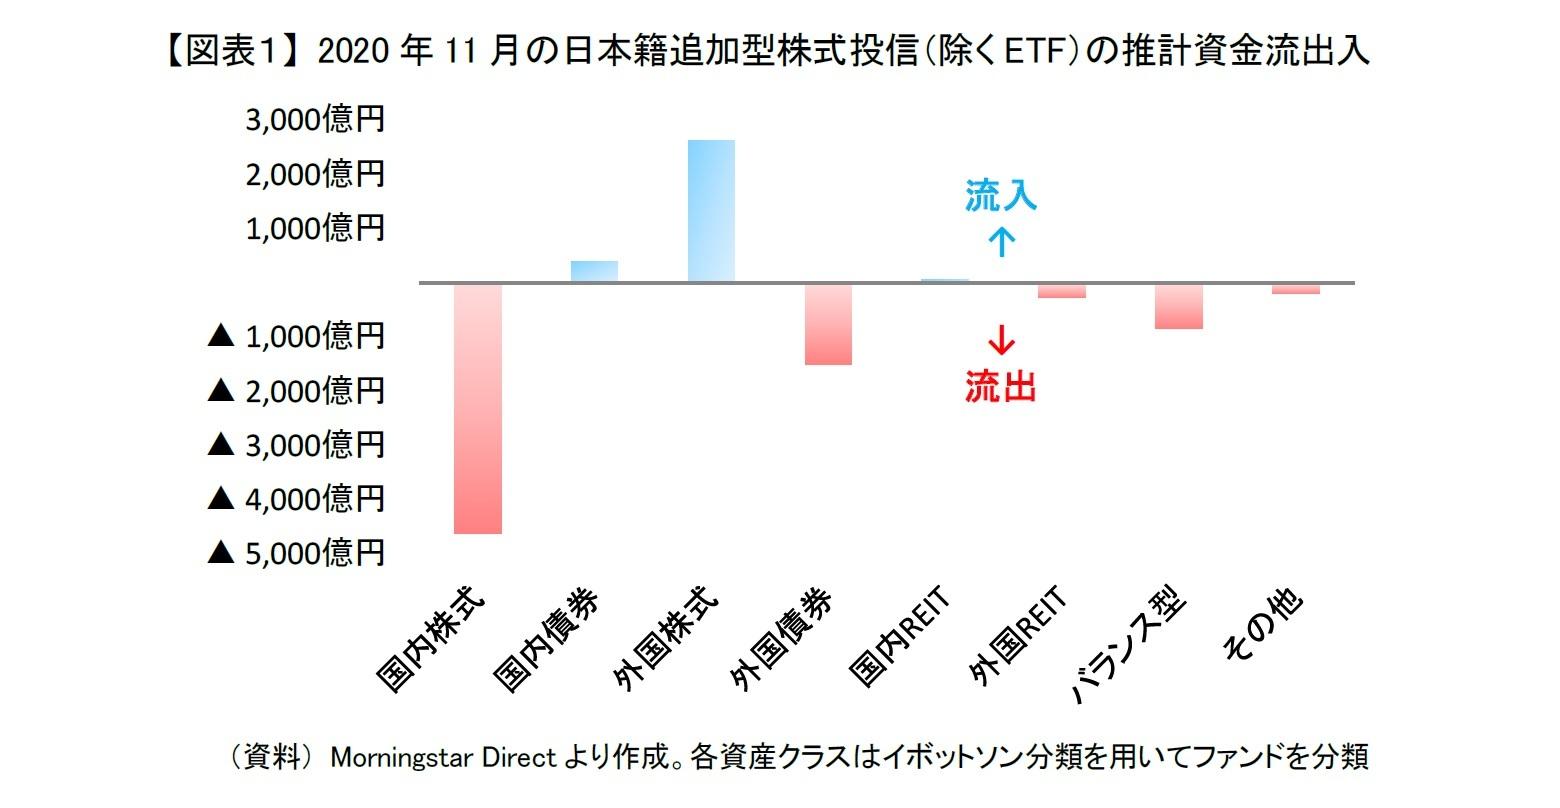 【図表1】 2020年11月の日本籍追加型株式投信(除くETF)の推計資金流出入